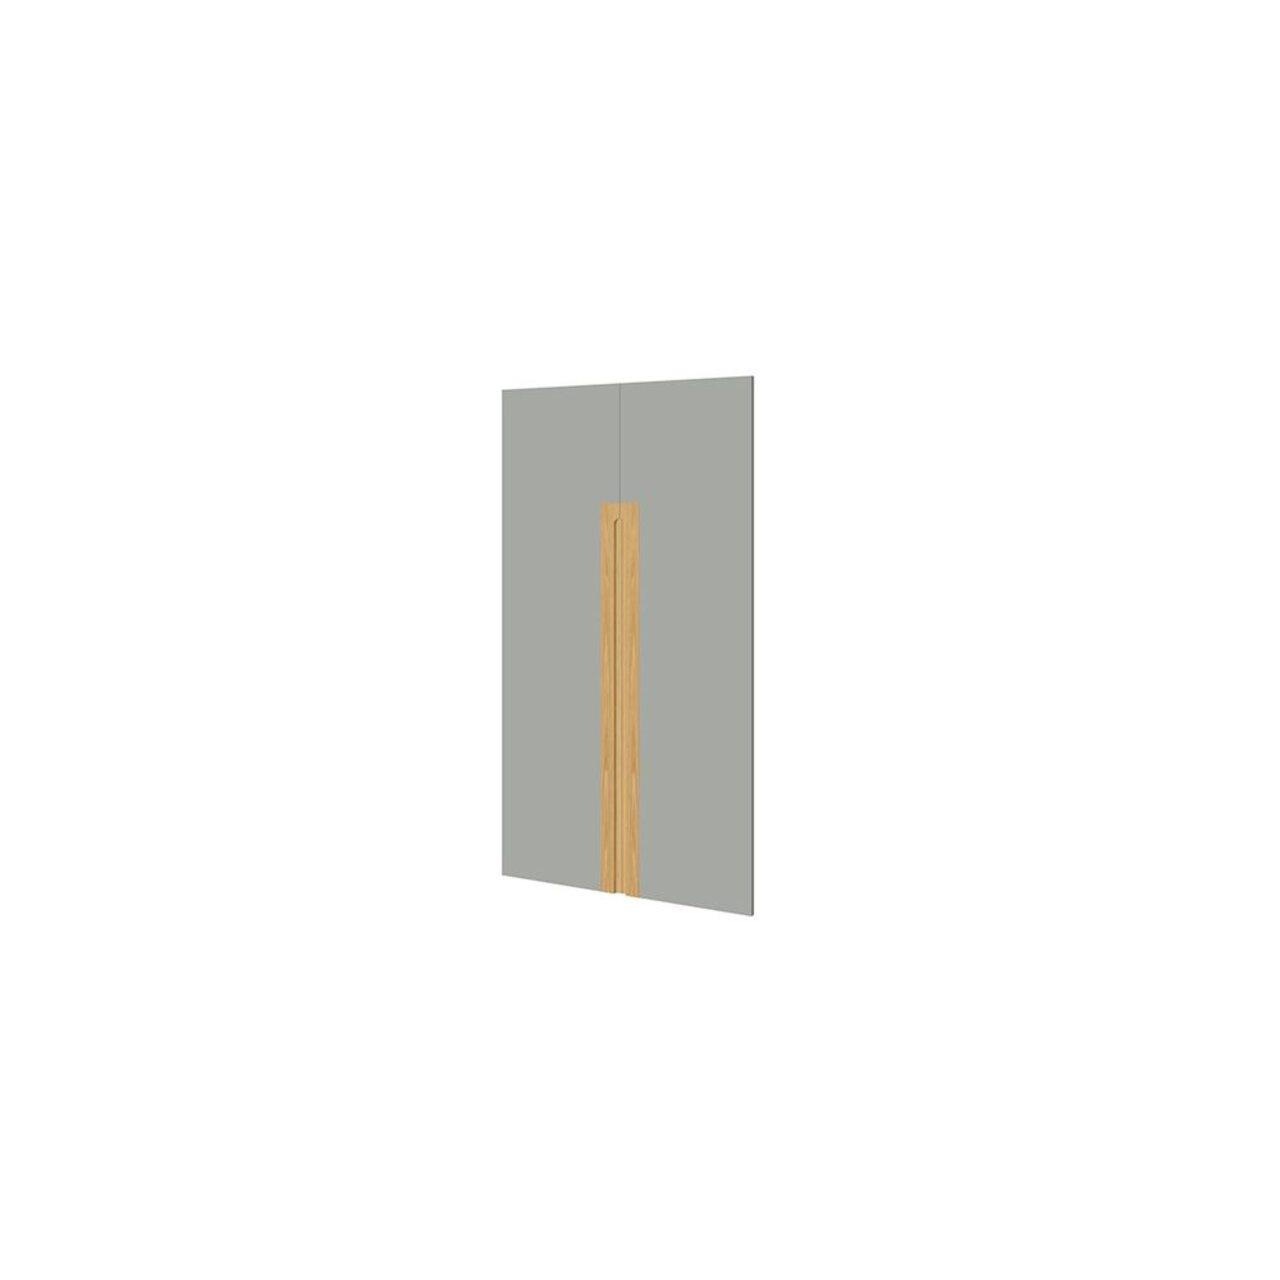 Комплект глухих средних дверей  Remo 2x80x144 - фото 3